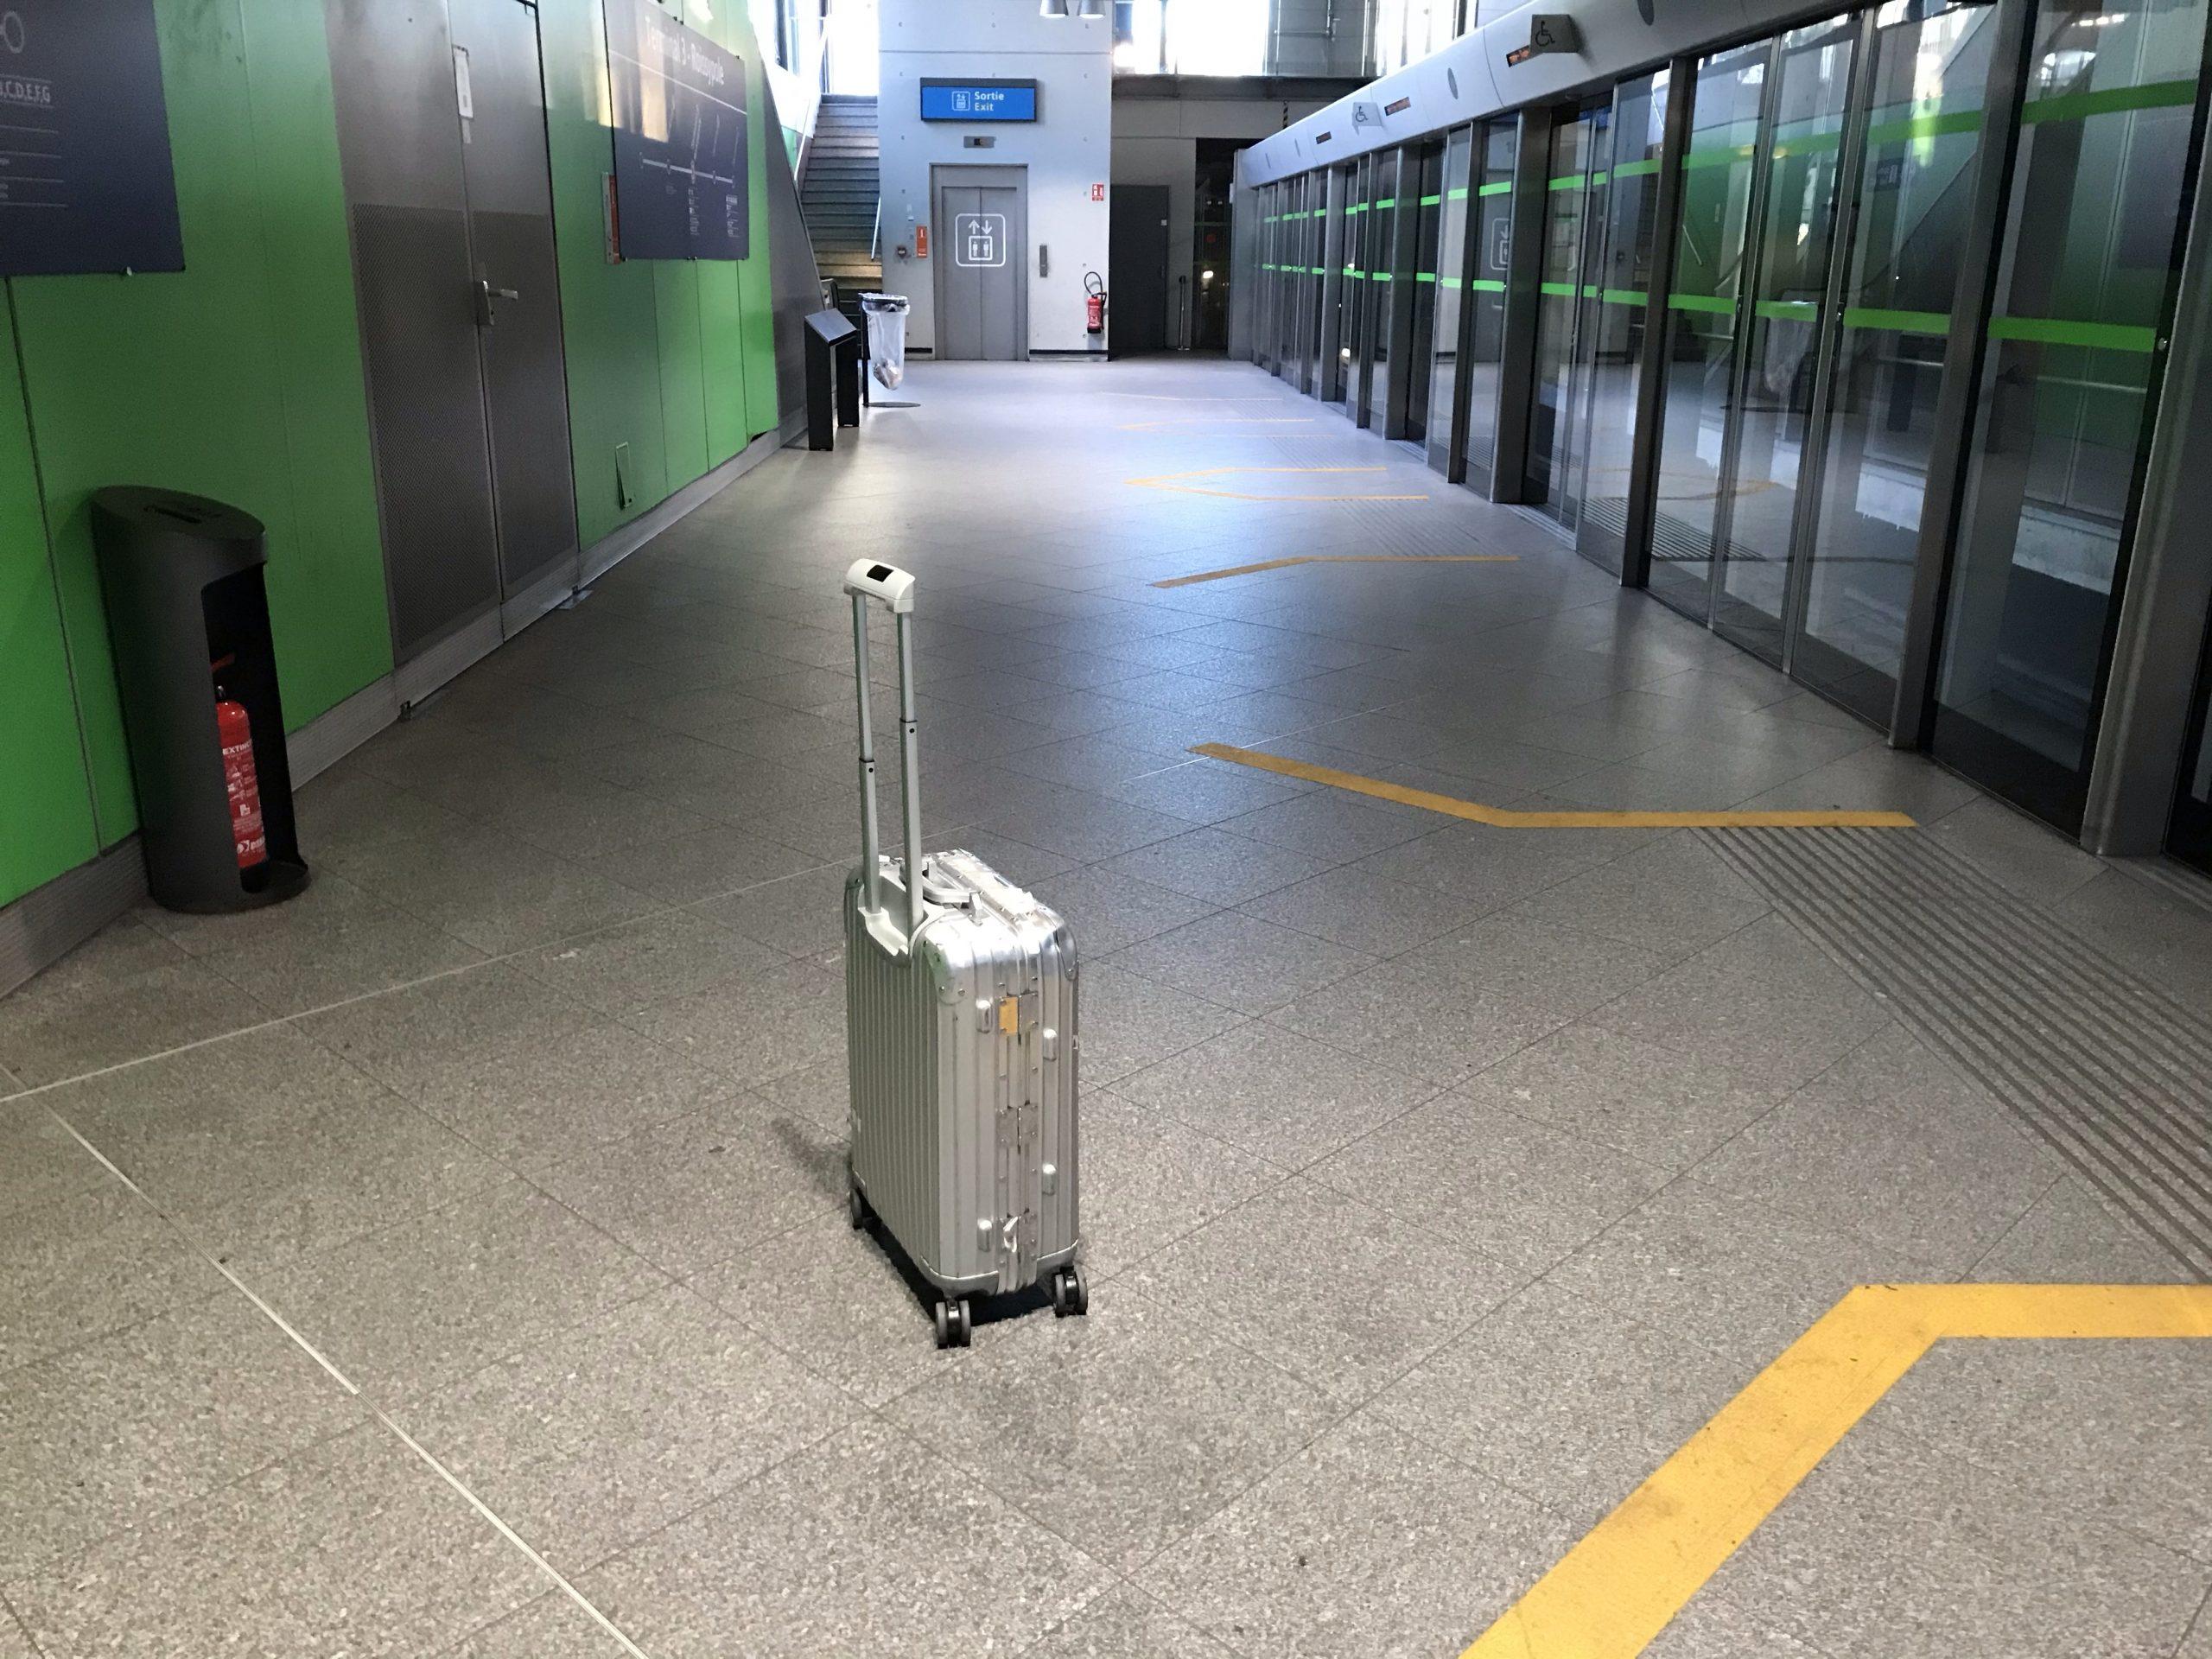 「ANA国際線 パリからの帰国にプレミアムエコノミー利用は快適?」のアイキャッチ画像